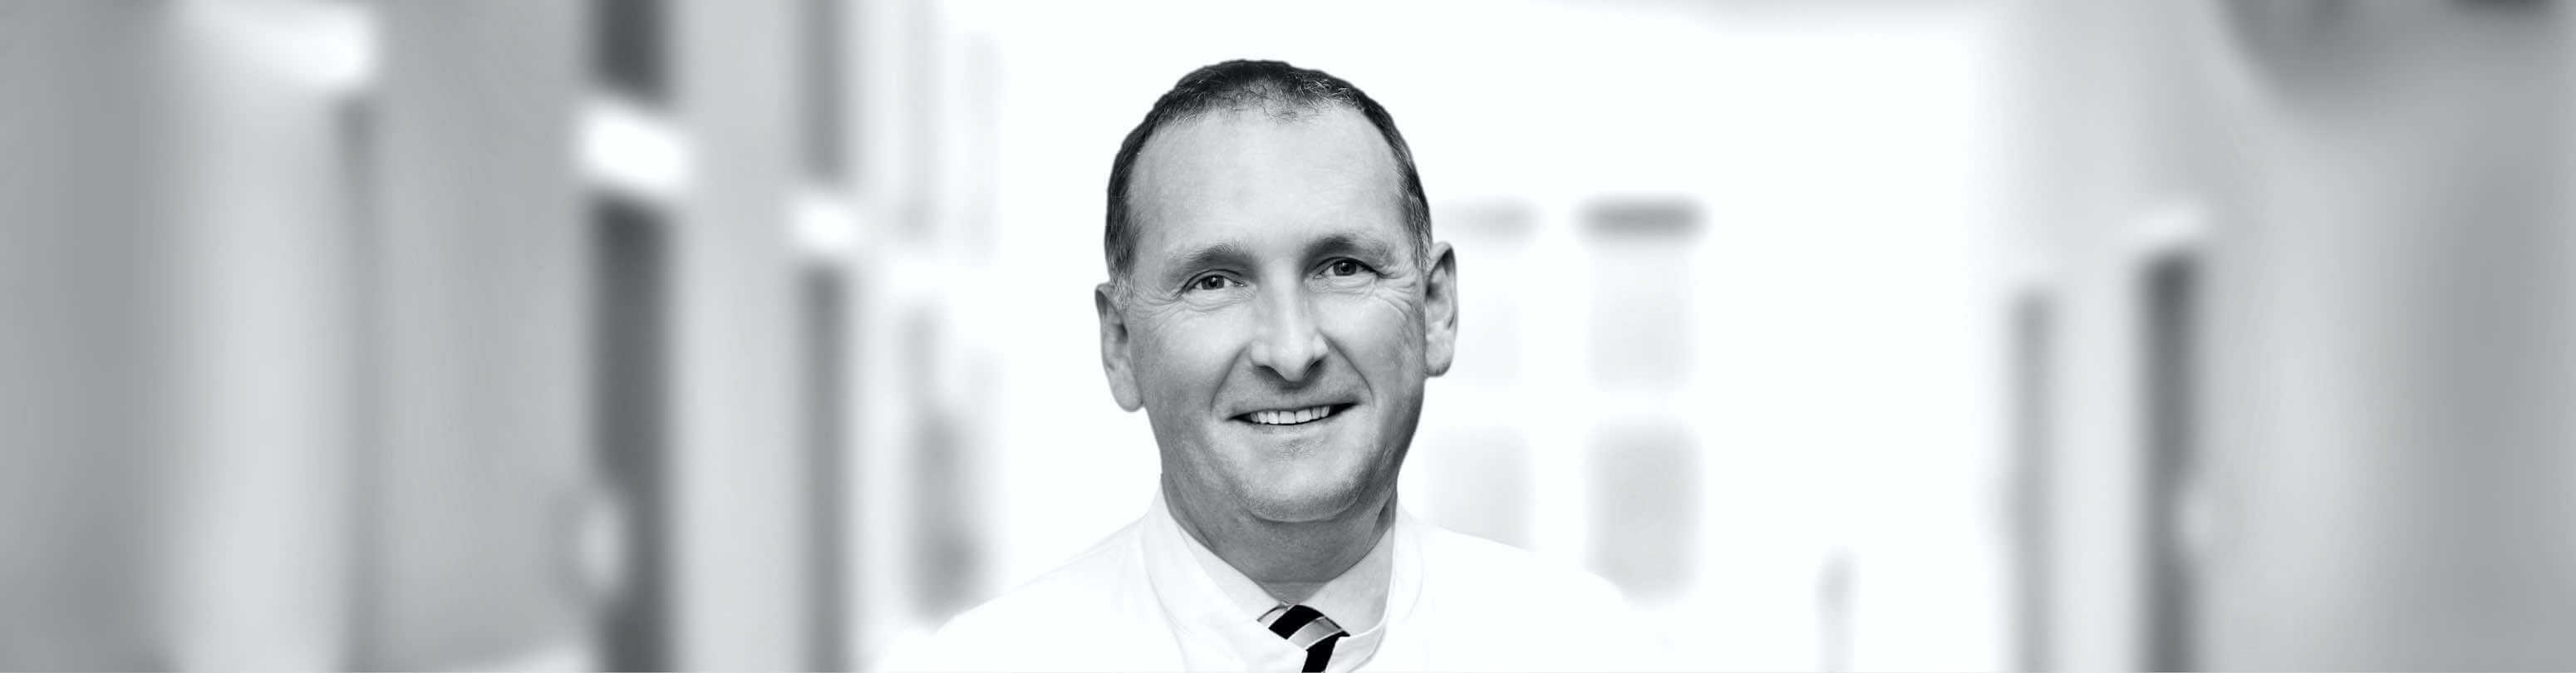 Prof. Dr. med. Markus W. Büchler